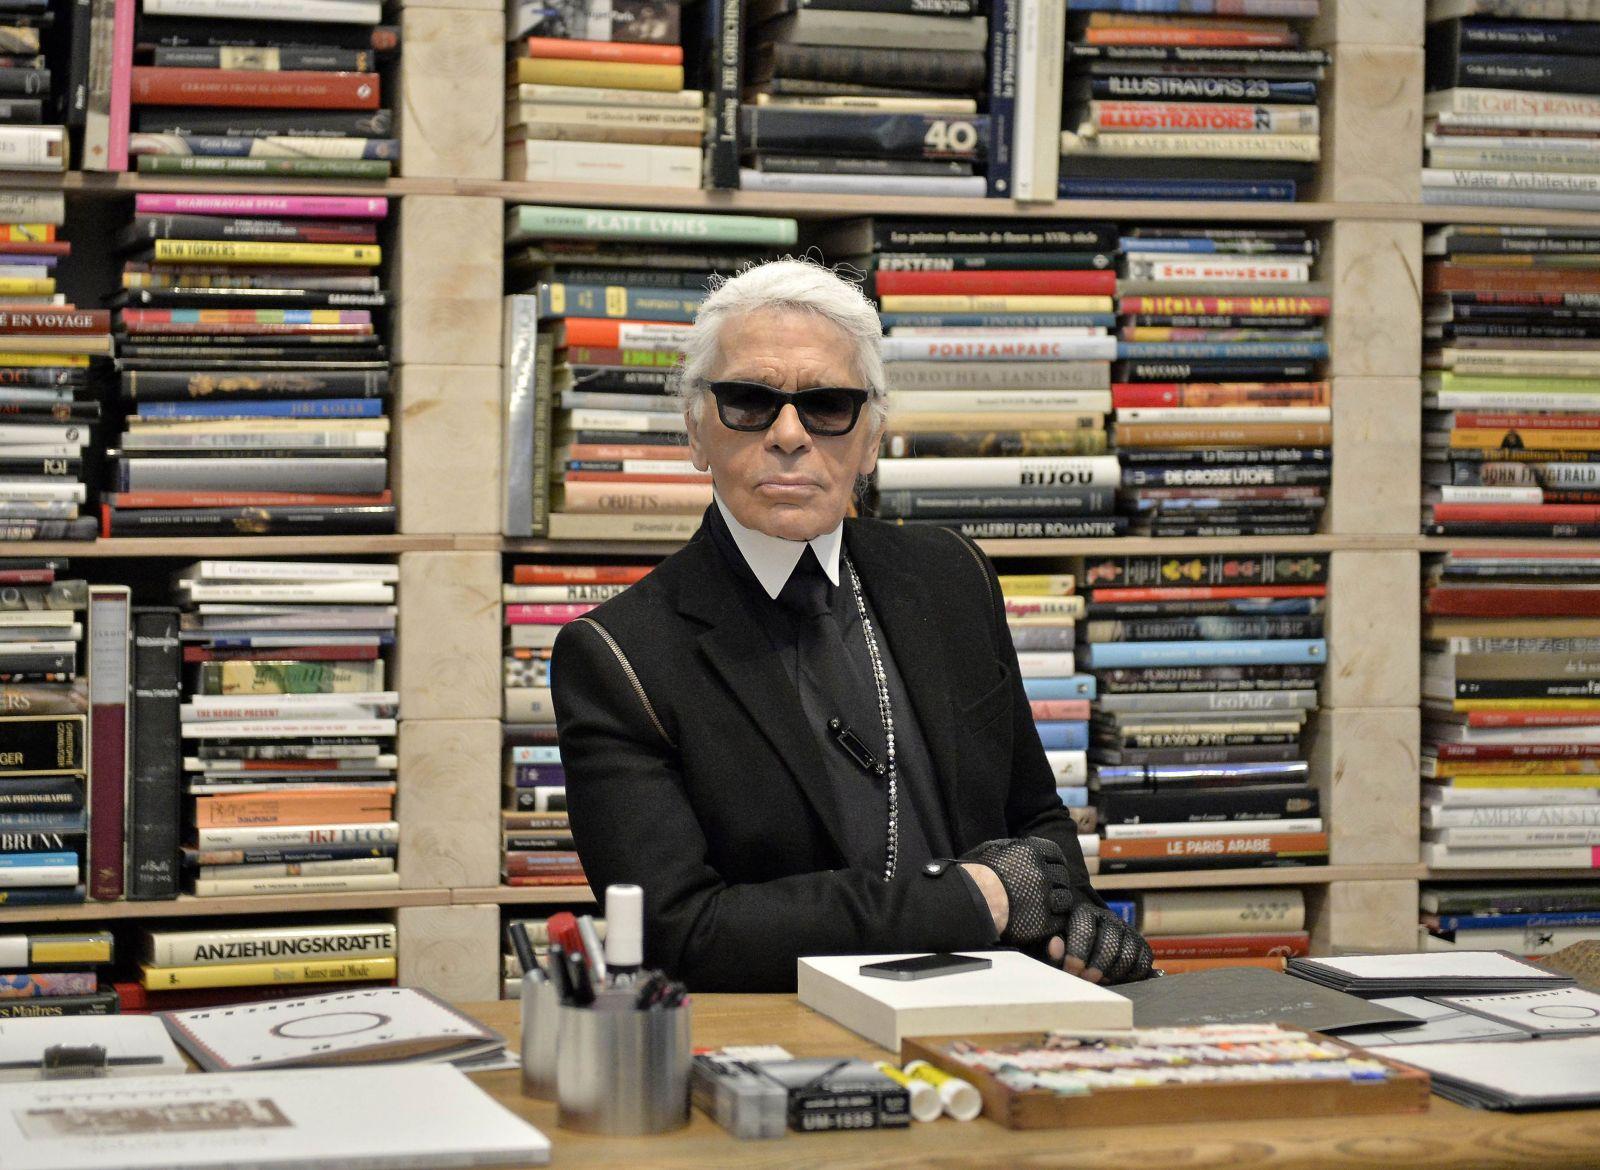 Chcel sa oženiť s vlastnou mačkou a návrhy kreslil výlučne mejkapom. 20 zaujímavostí o Karl Lagerfeldovi, ktoré si (možno) nevedel